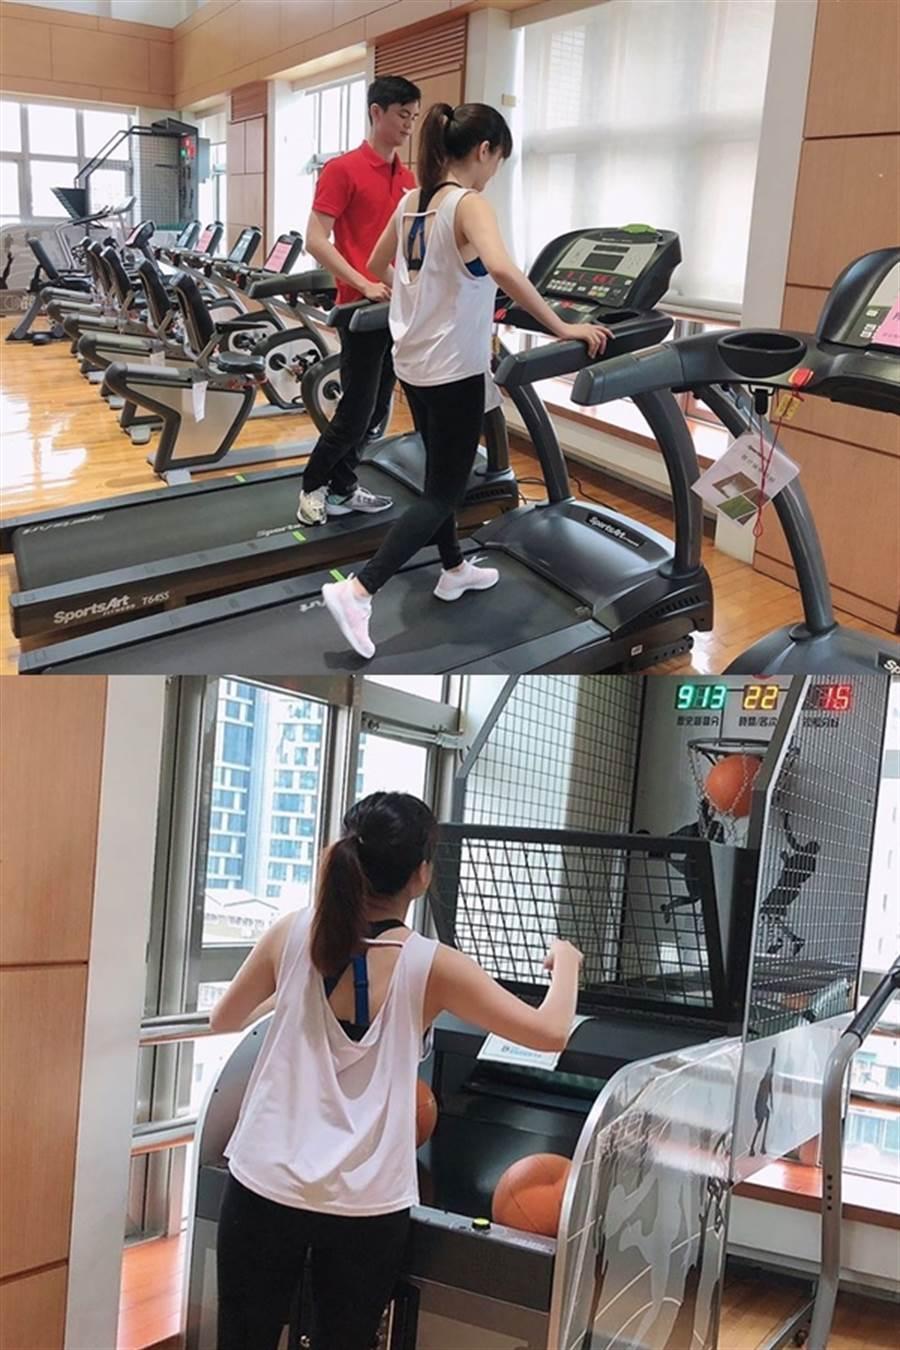 歡歡3日時PO了「被抓來健身房做運動」的照片,讓網友一看暴動了。(圖/摘自何庭歡FB)